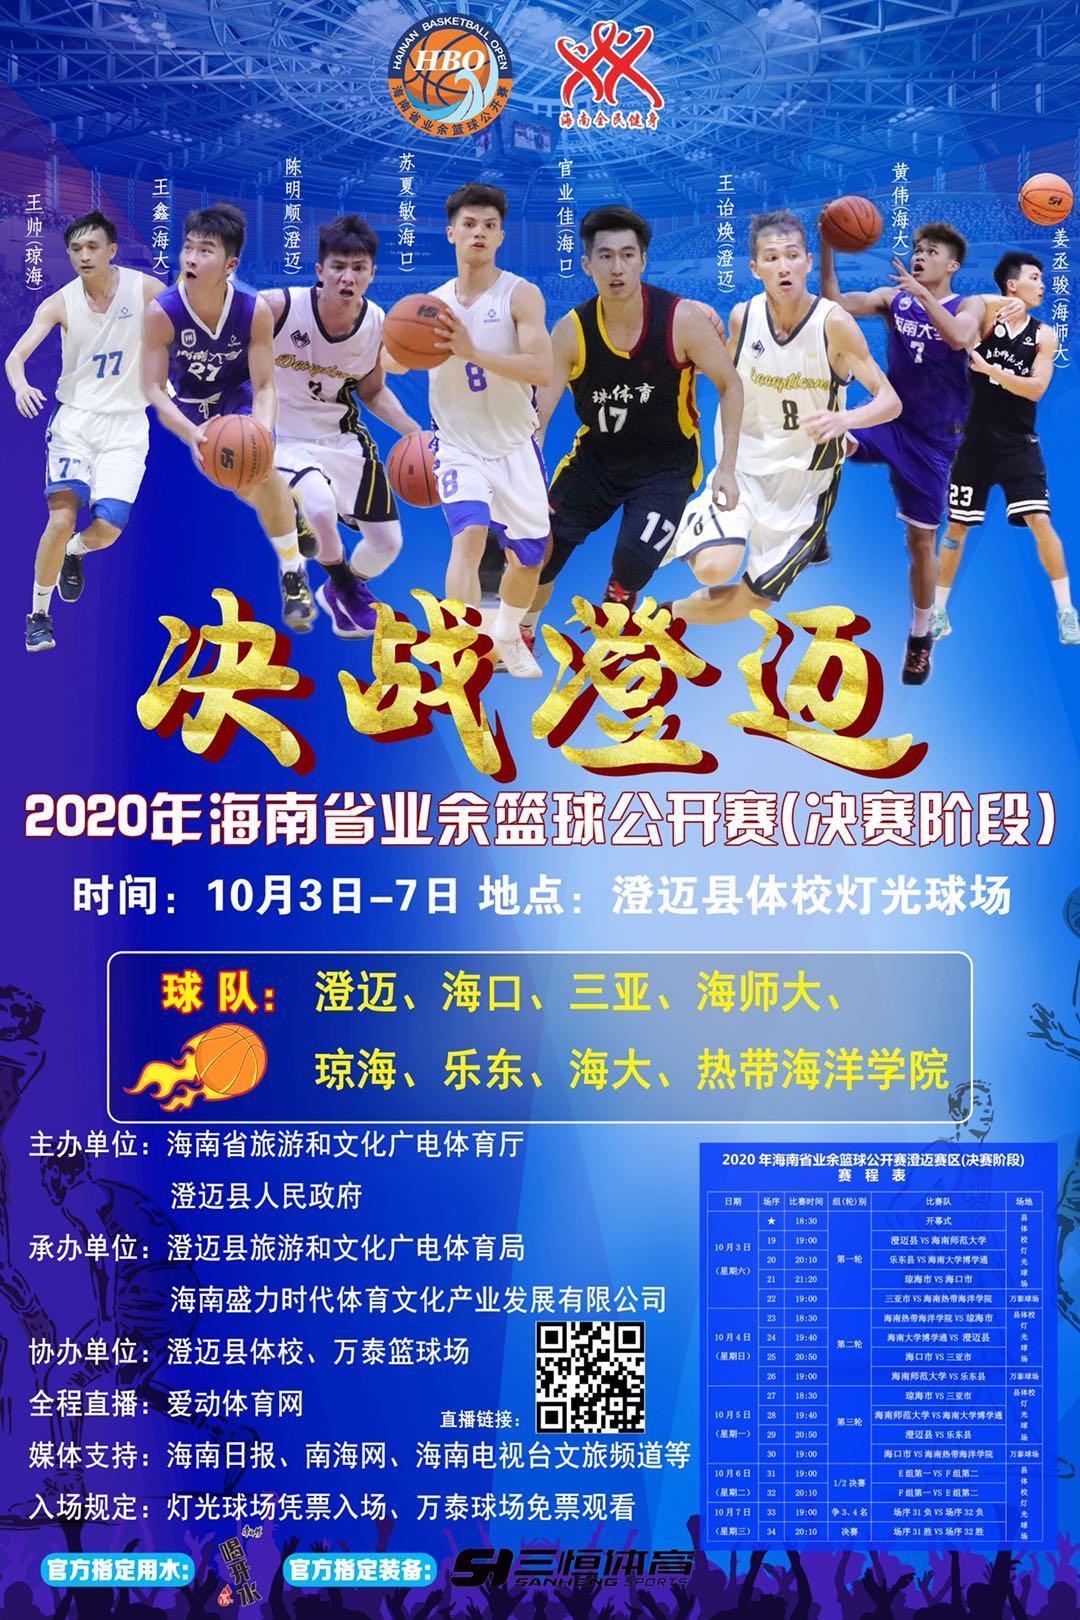 【回放】2020年biwei必威体育备用网站省业余篮球公开赛 6日 澄迈赛区